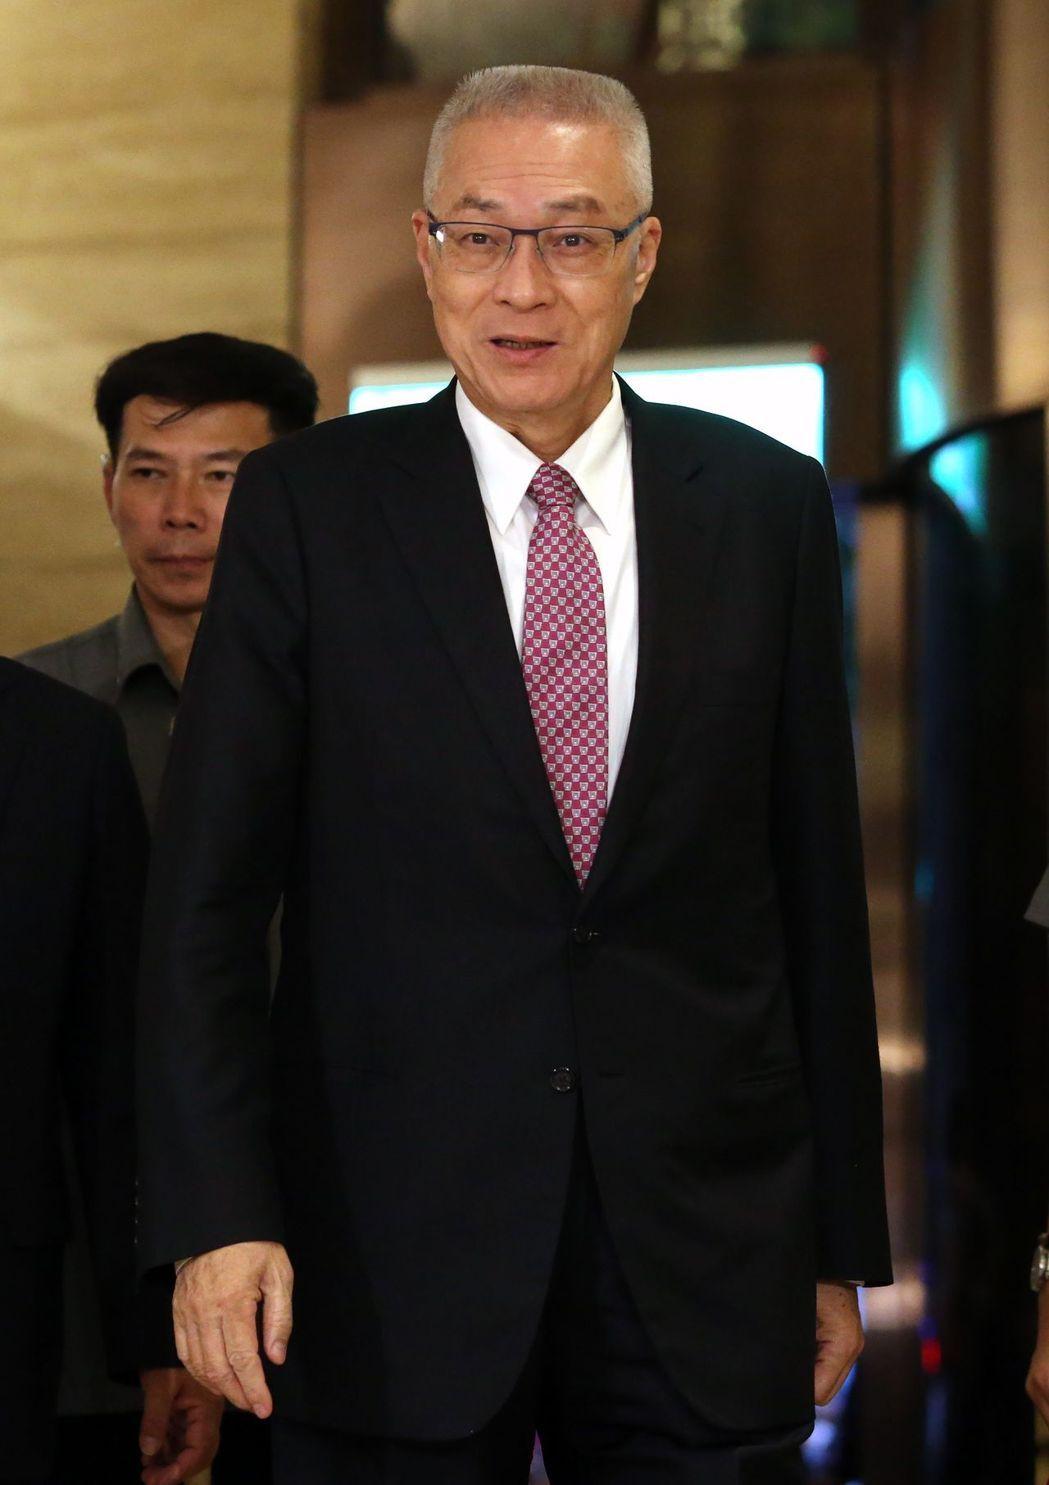 国民党六位主席齐聚首出席餐会并为吴伯雄庆生